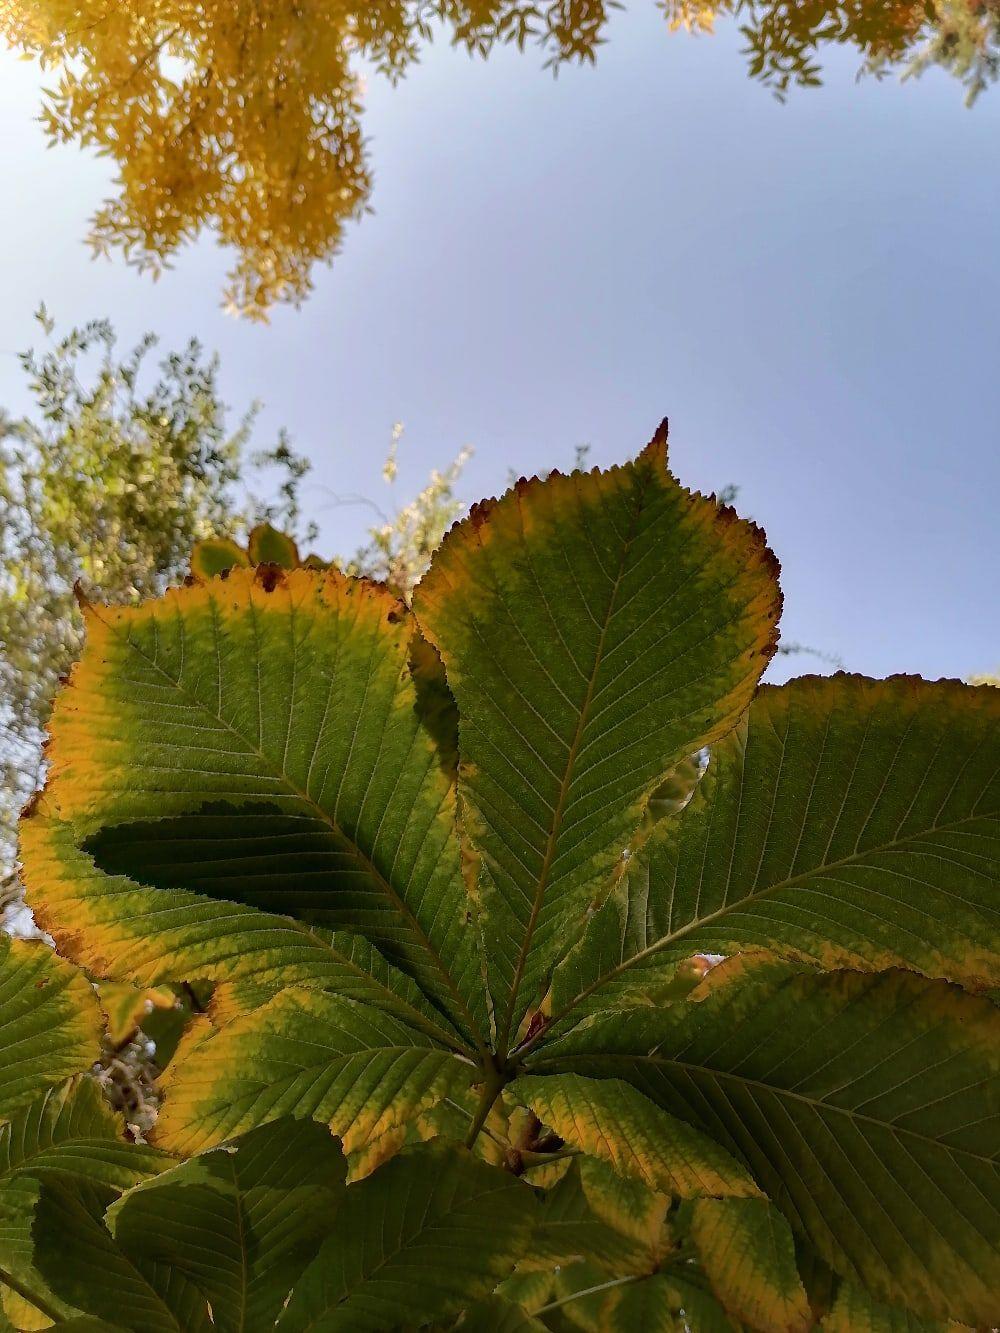 Каштан сопротивляется осени, сдавая желтизне лишь краешки листвы.